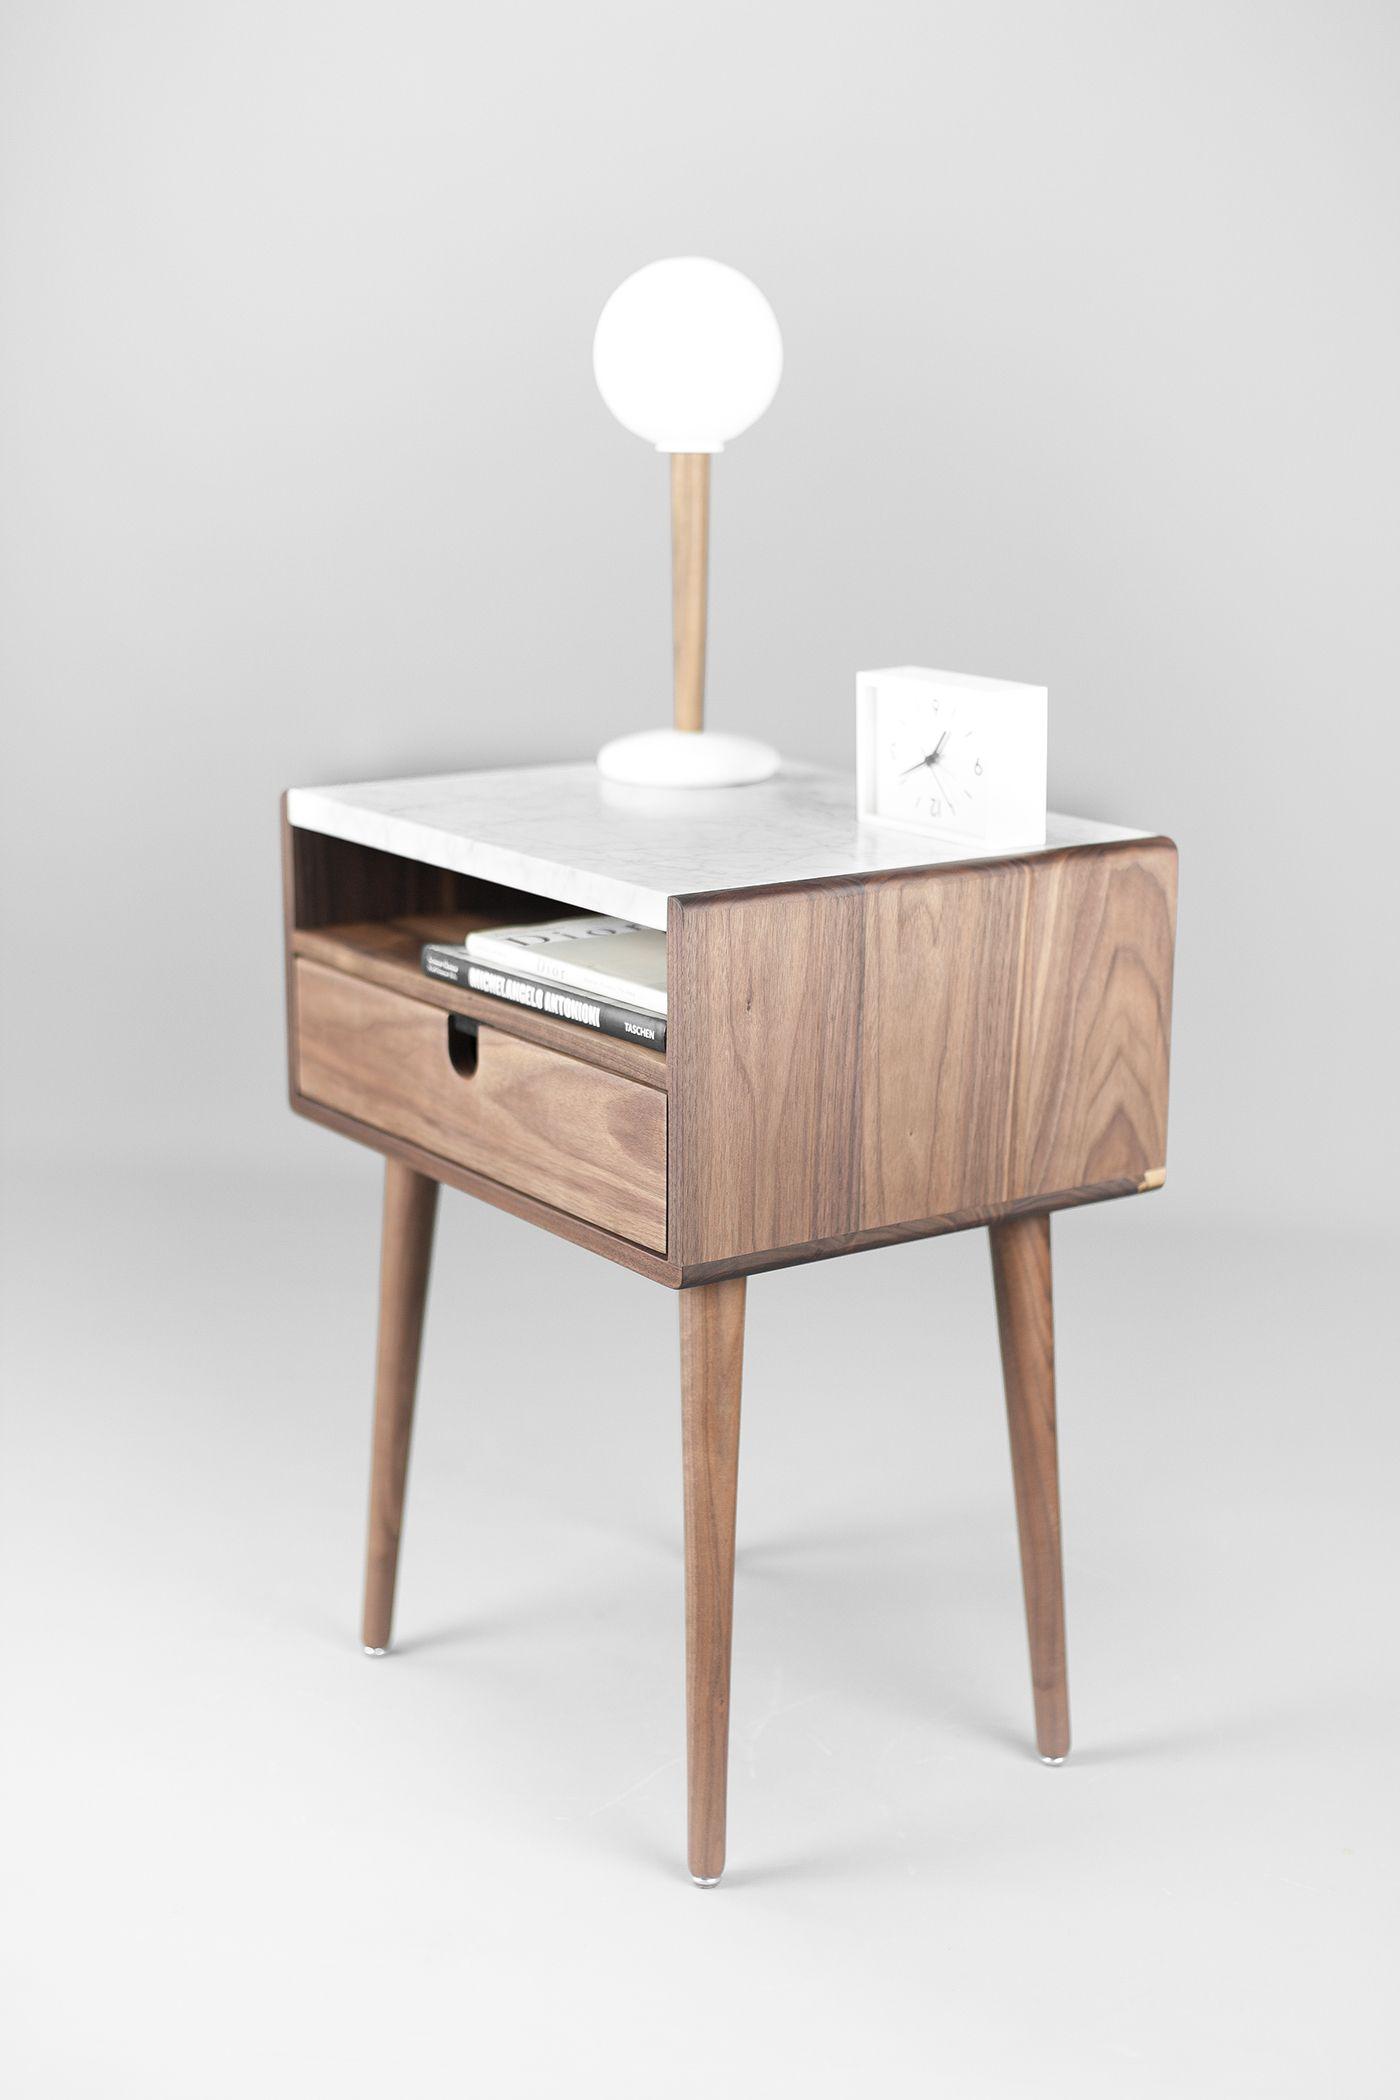 Walnut And Marble Table On Behance Diseno De Muebles Decoracion De Interiores Minimalista Decoracion De Muebles